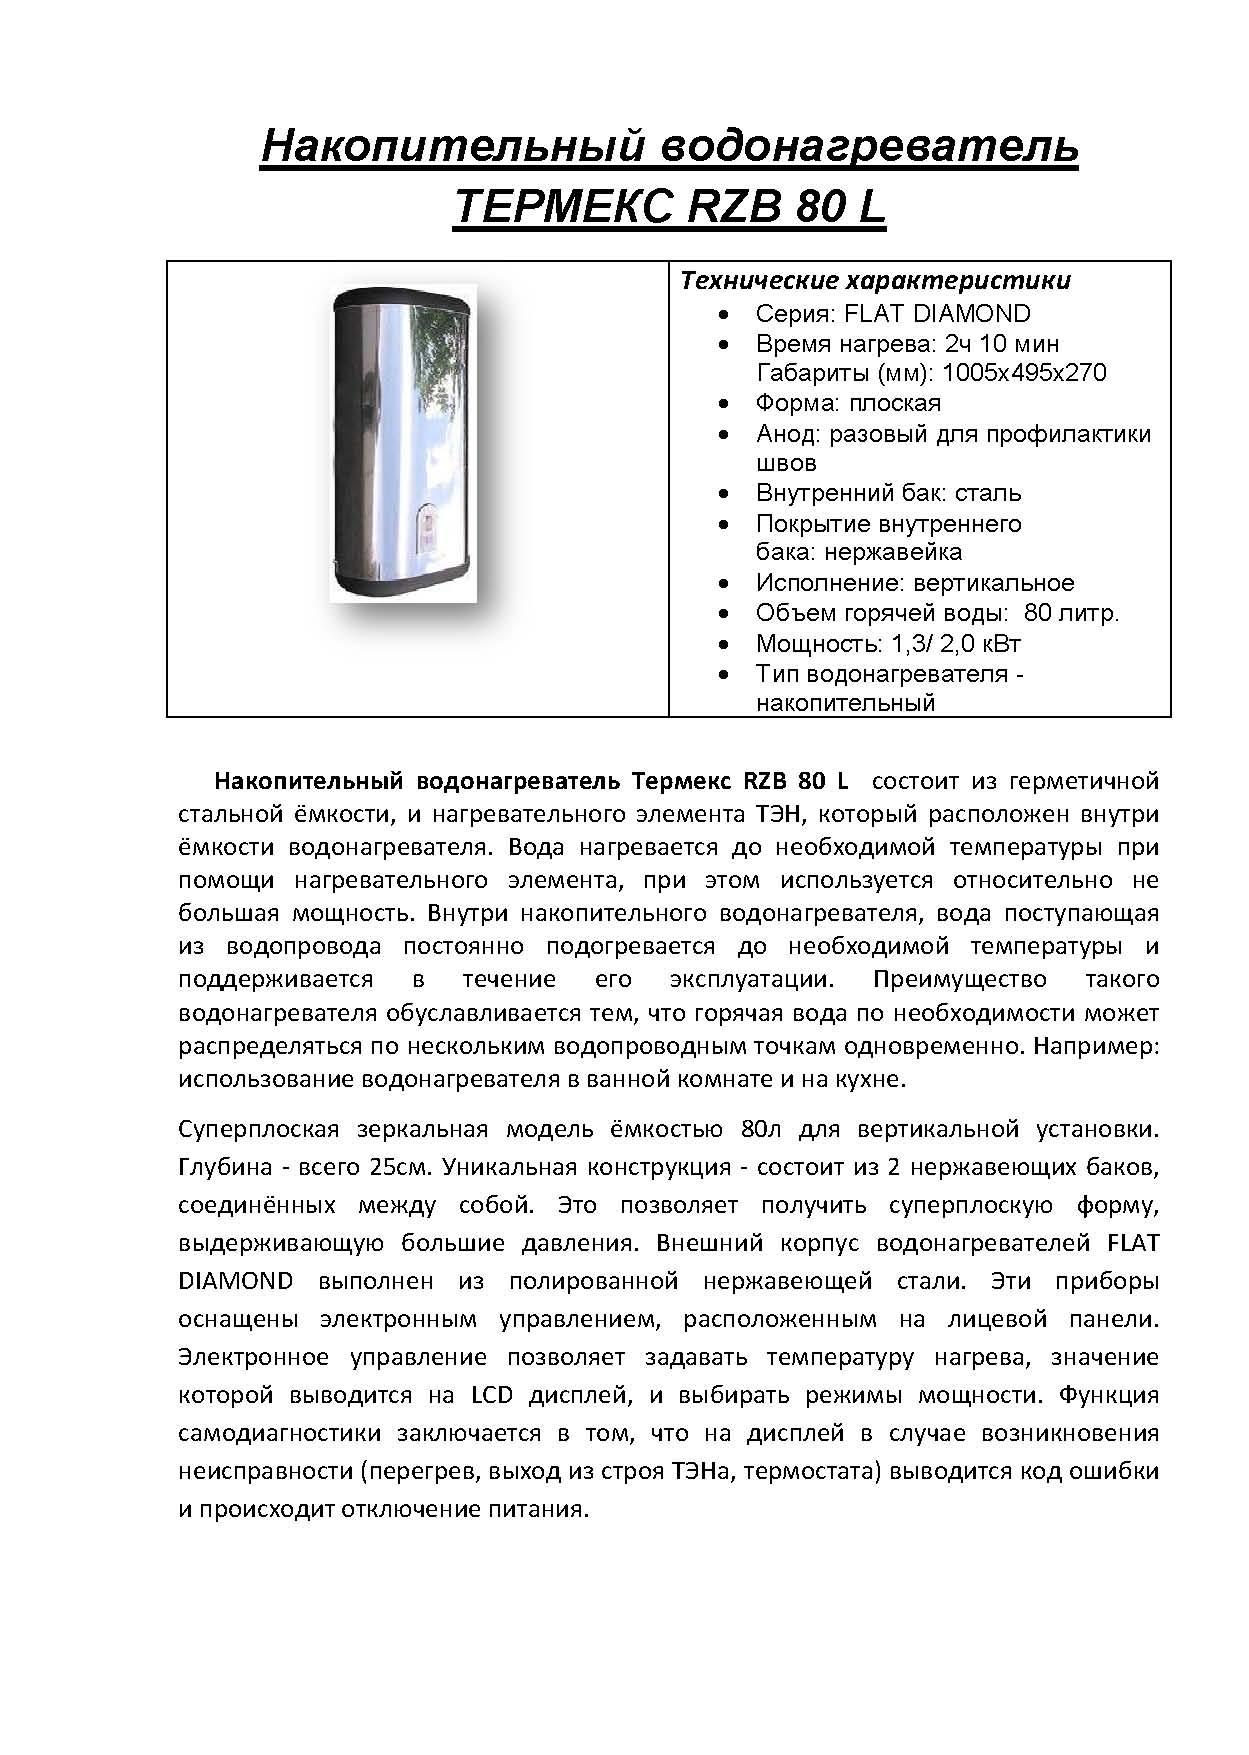 Водонагреватель thermex (10, 30, 50, 80 литров): подробное описание и инструкция пользования